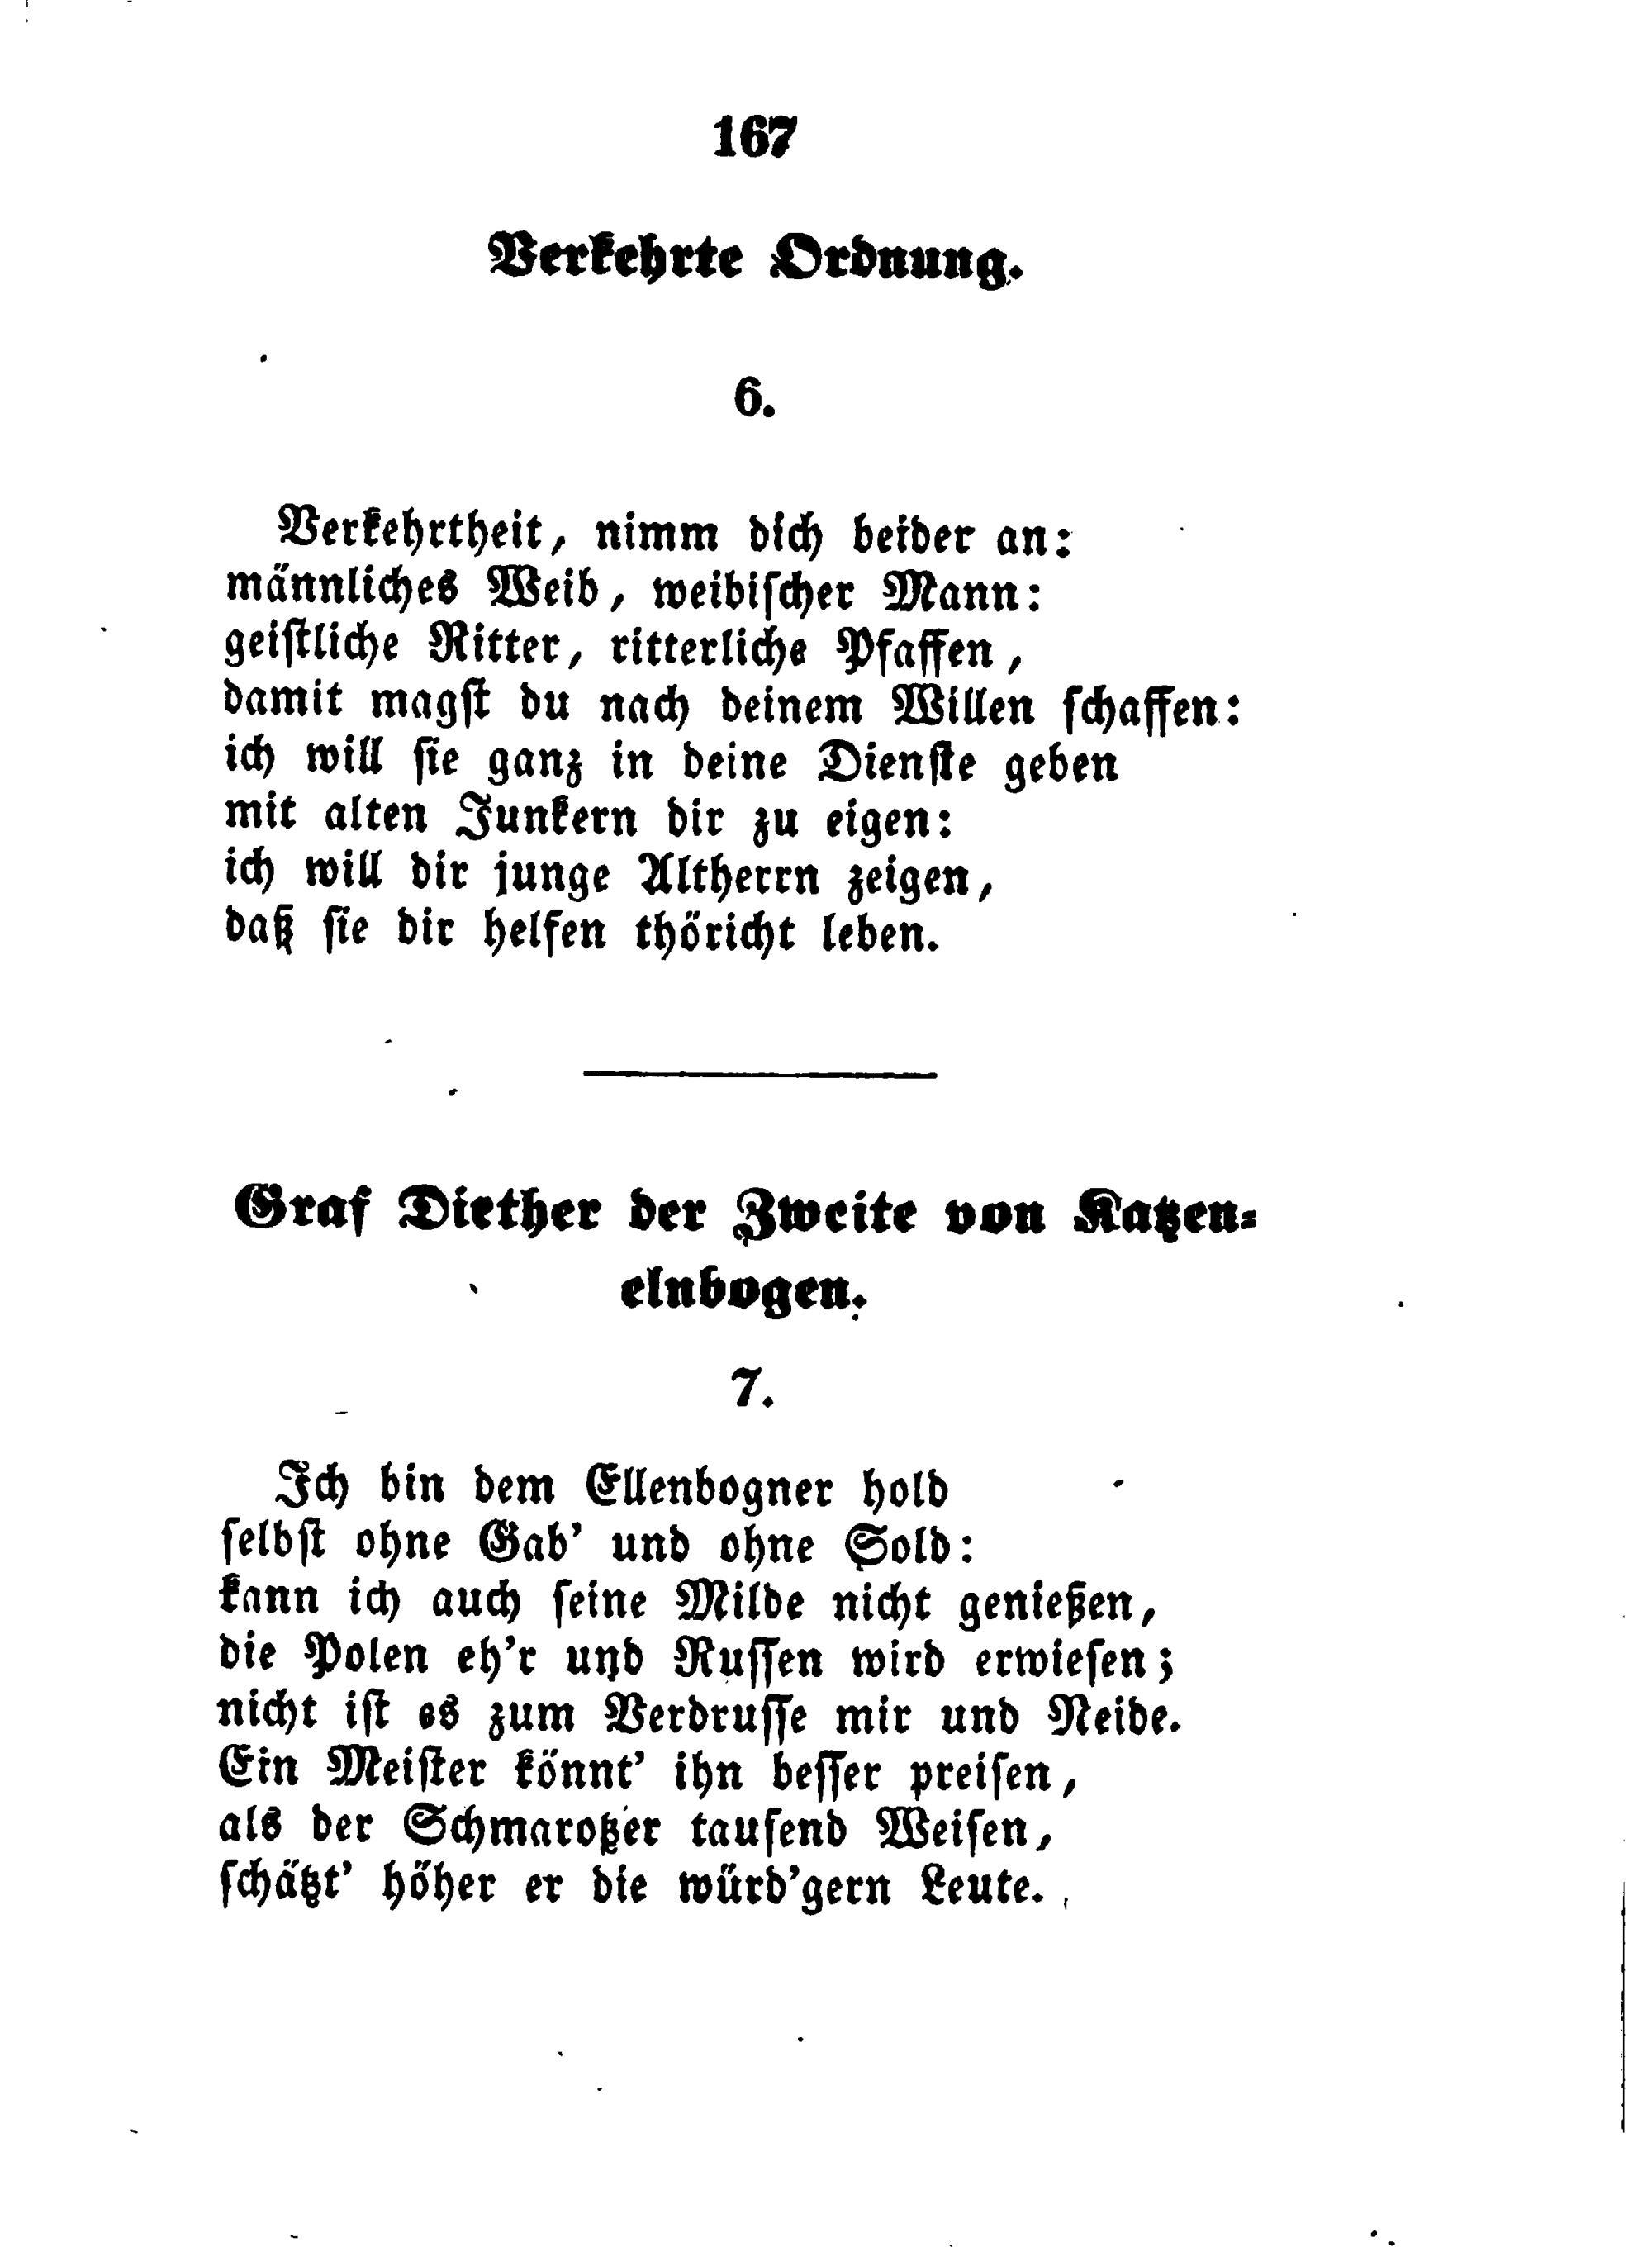 Wunderbar Meister Koch Referenz Von File:de Gedichte 167.jpg